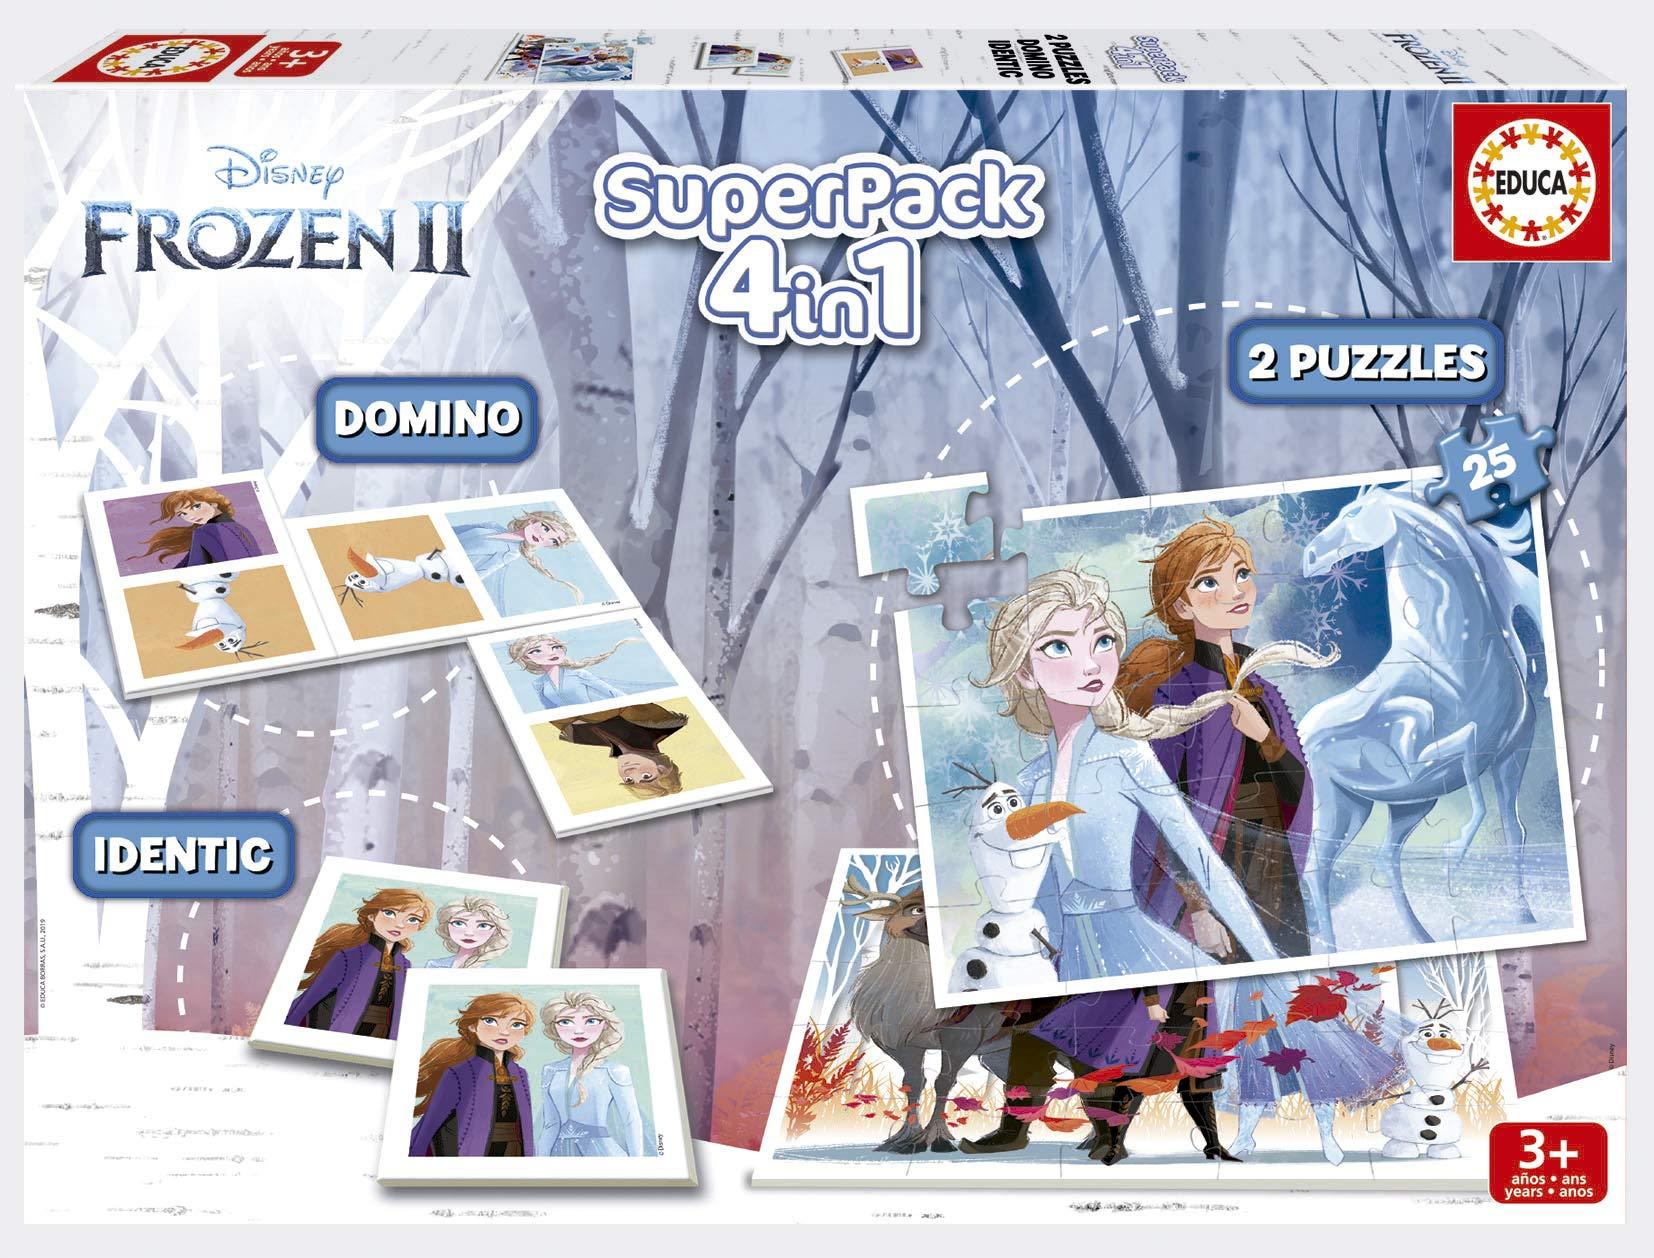 Educa Borrás- Frozen 2 Pack Contiene 2 Puzzles, 1 Juego de Memoria ...